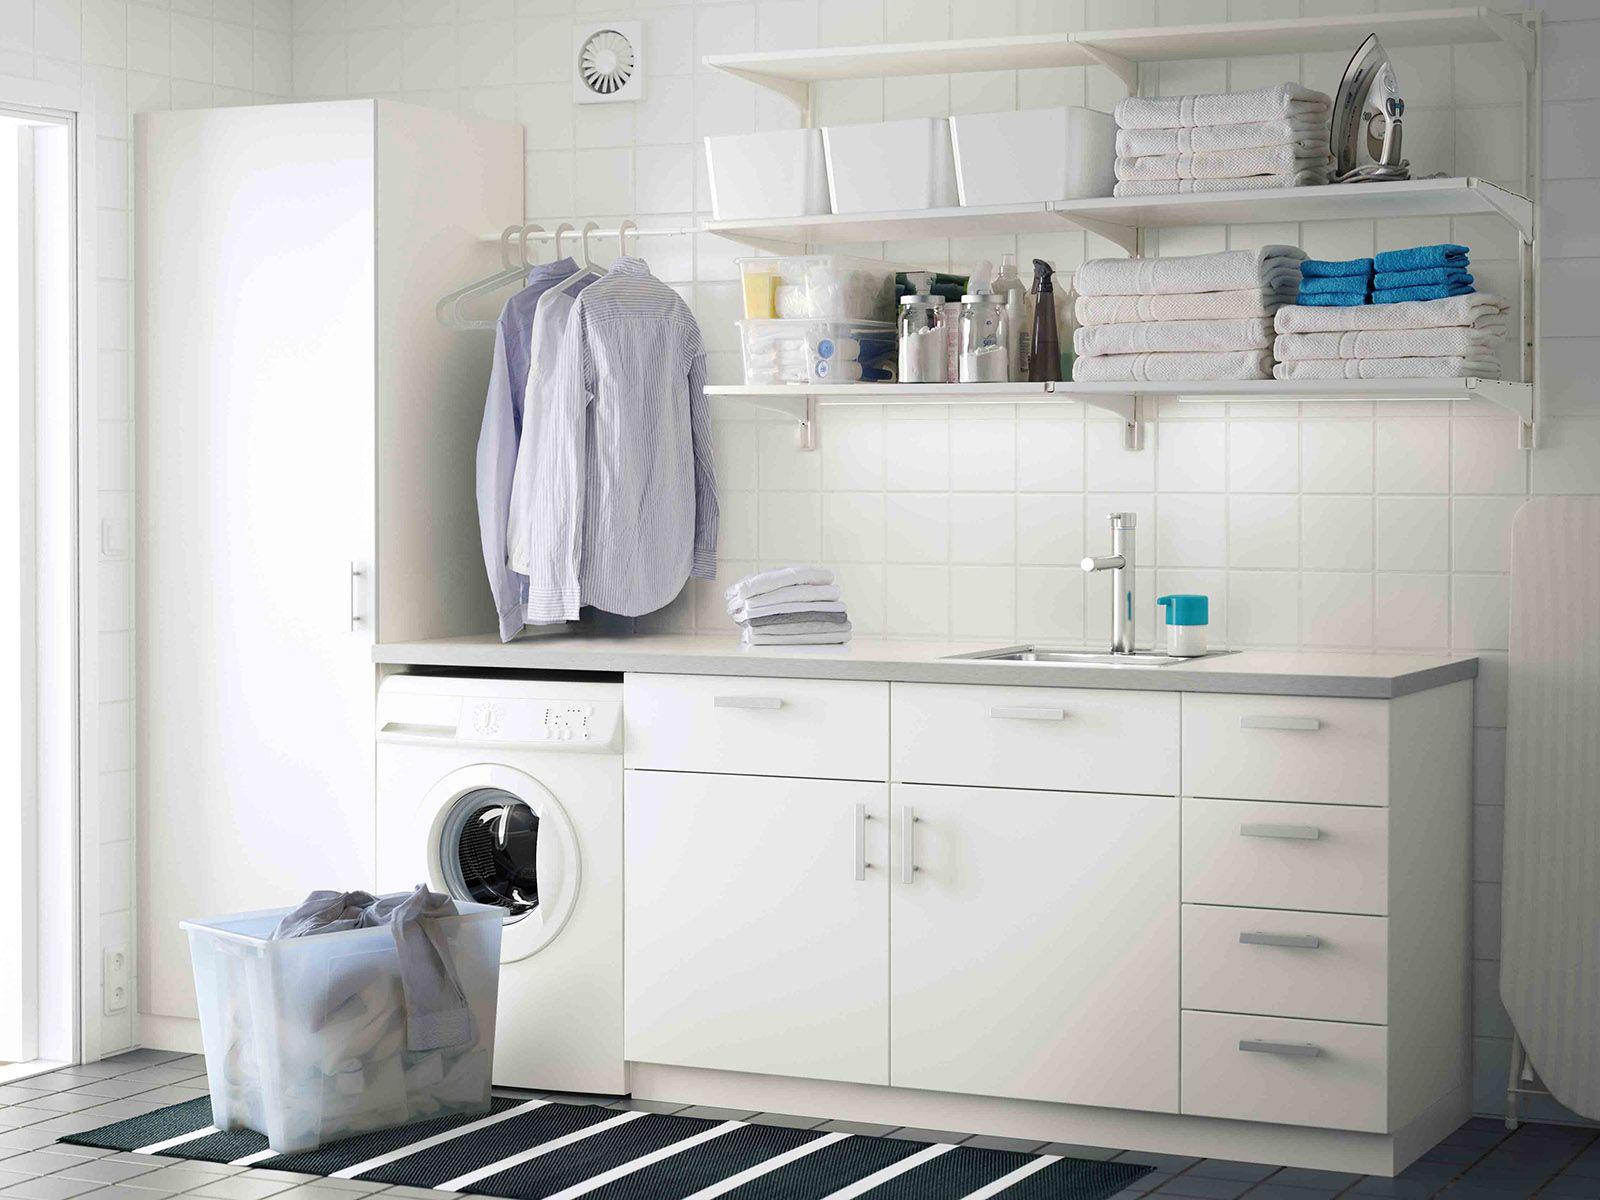 Mobile Da Bagno Ikea : Ikea mobili per bagno mobile bagno moderno ikea mobile bagno ikea